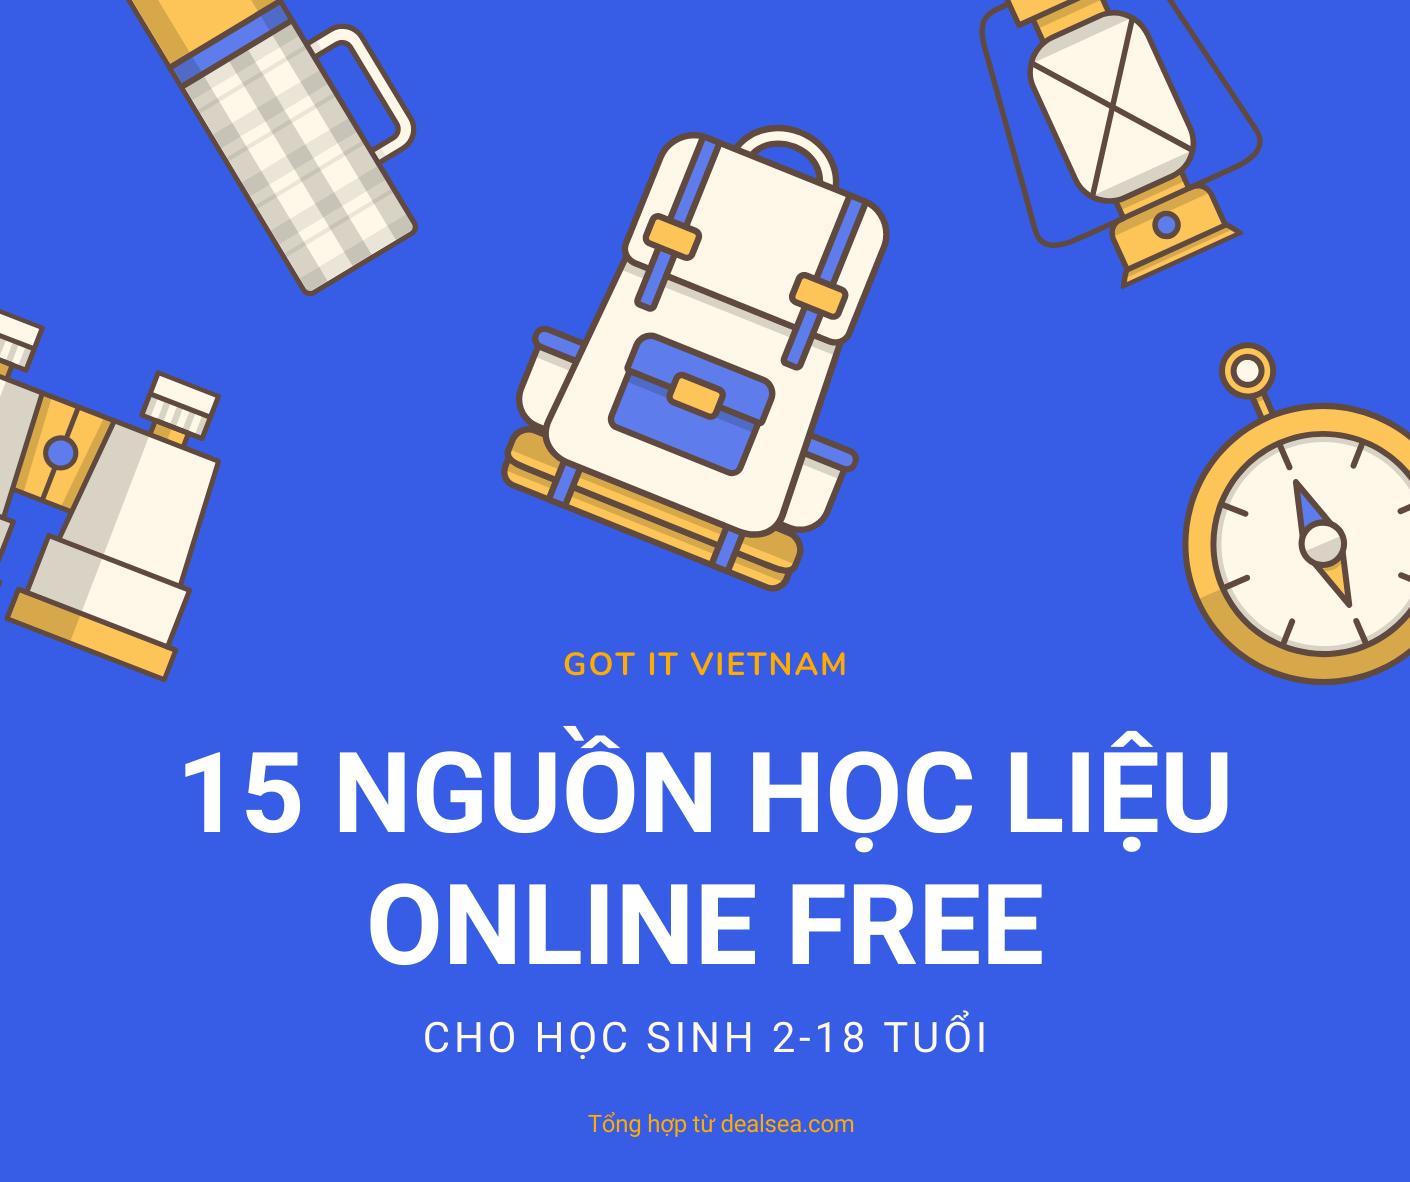 15 nguồn học trực tuyến miễn phí cho học sinh từ 2-18 tuổi - 2